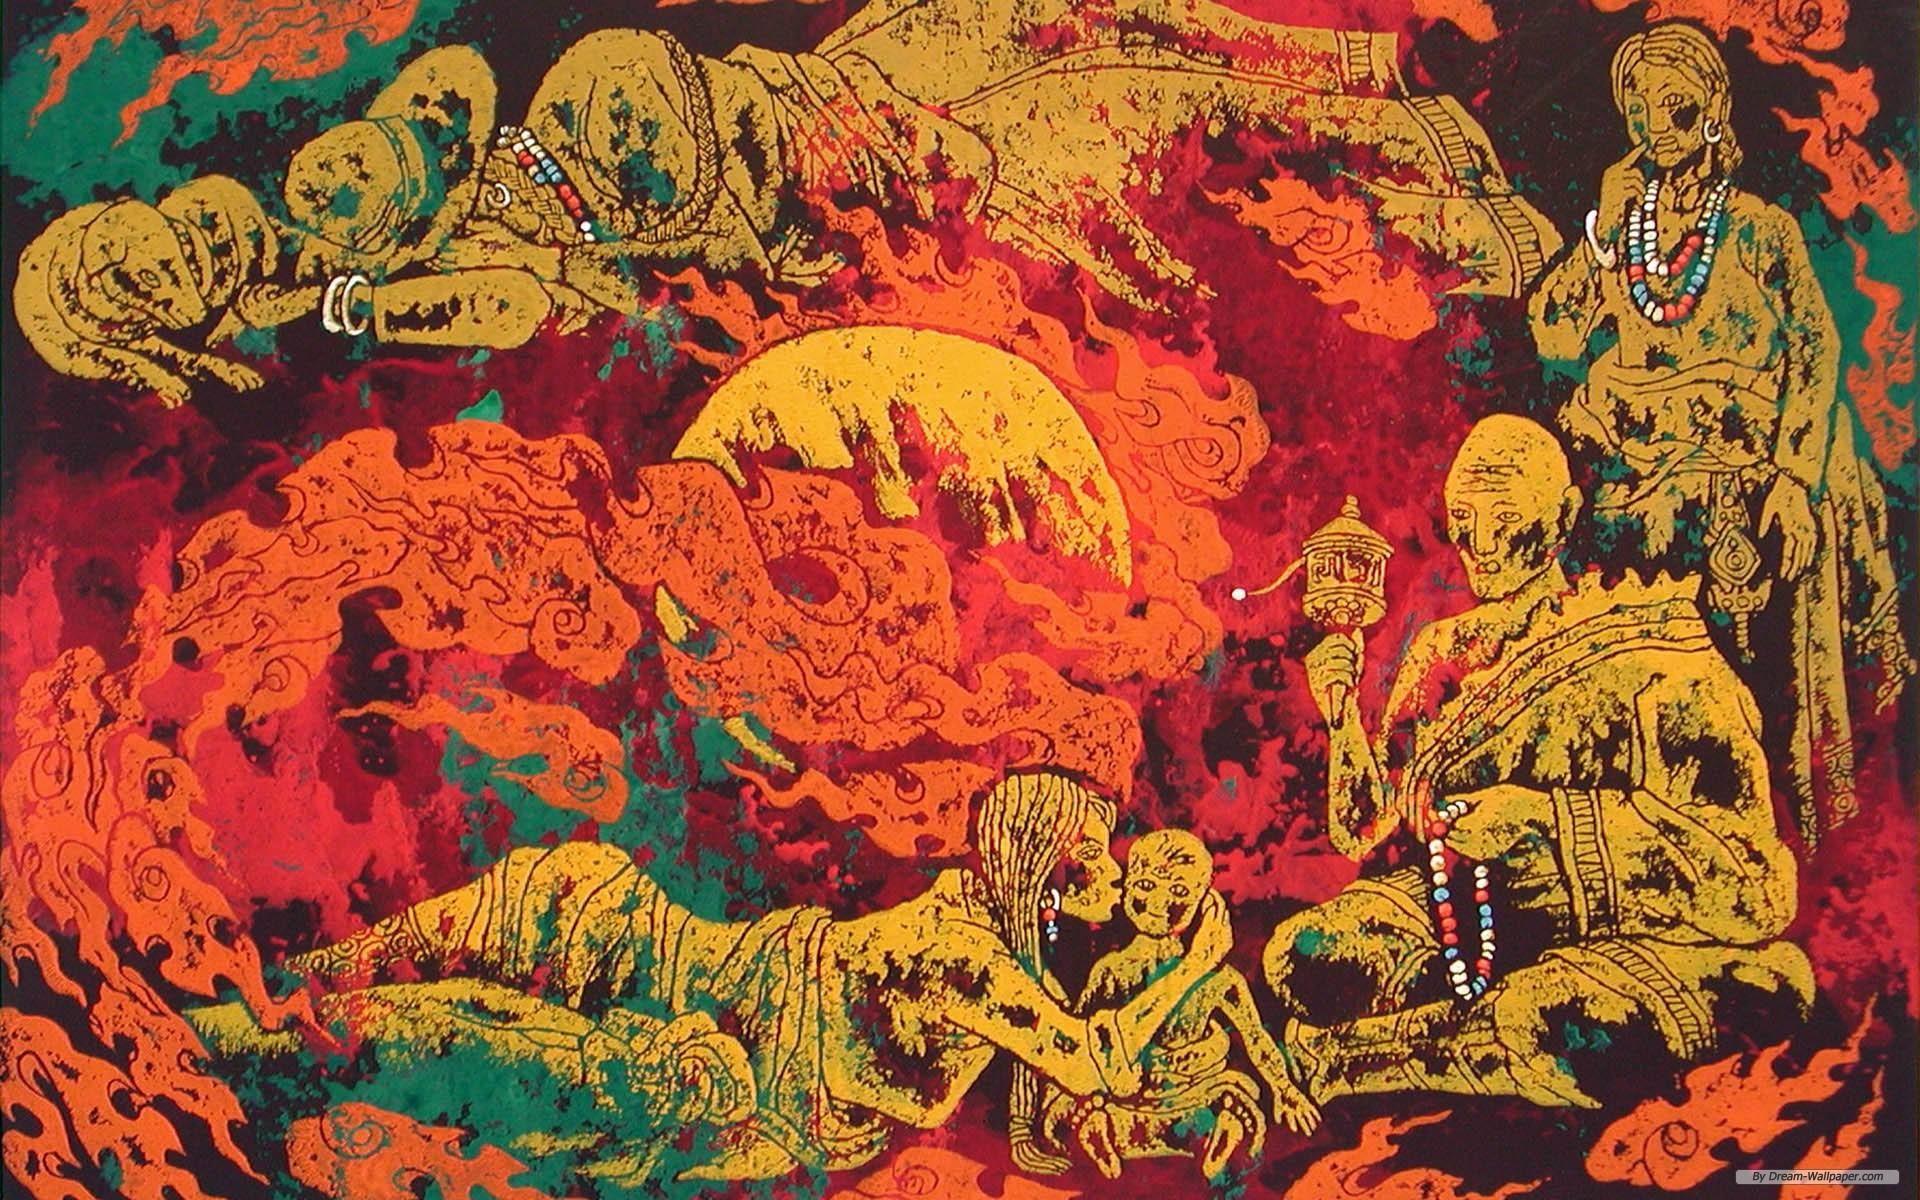 tibet wallpapers hd | wallpapers for desktop | pinterest | tibet